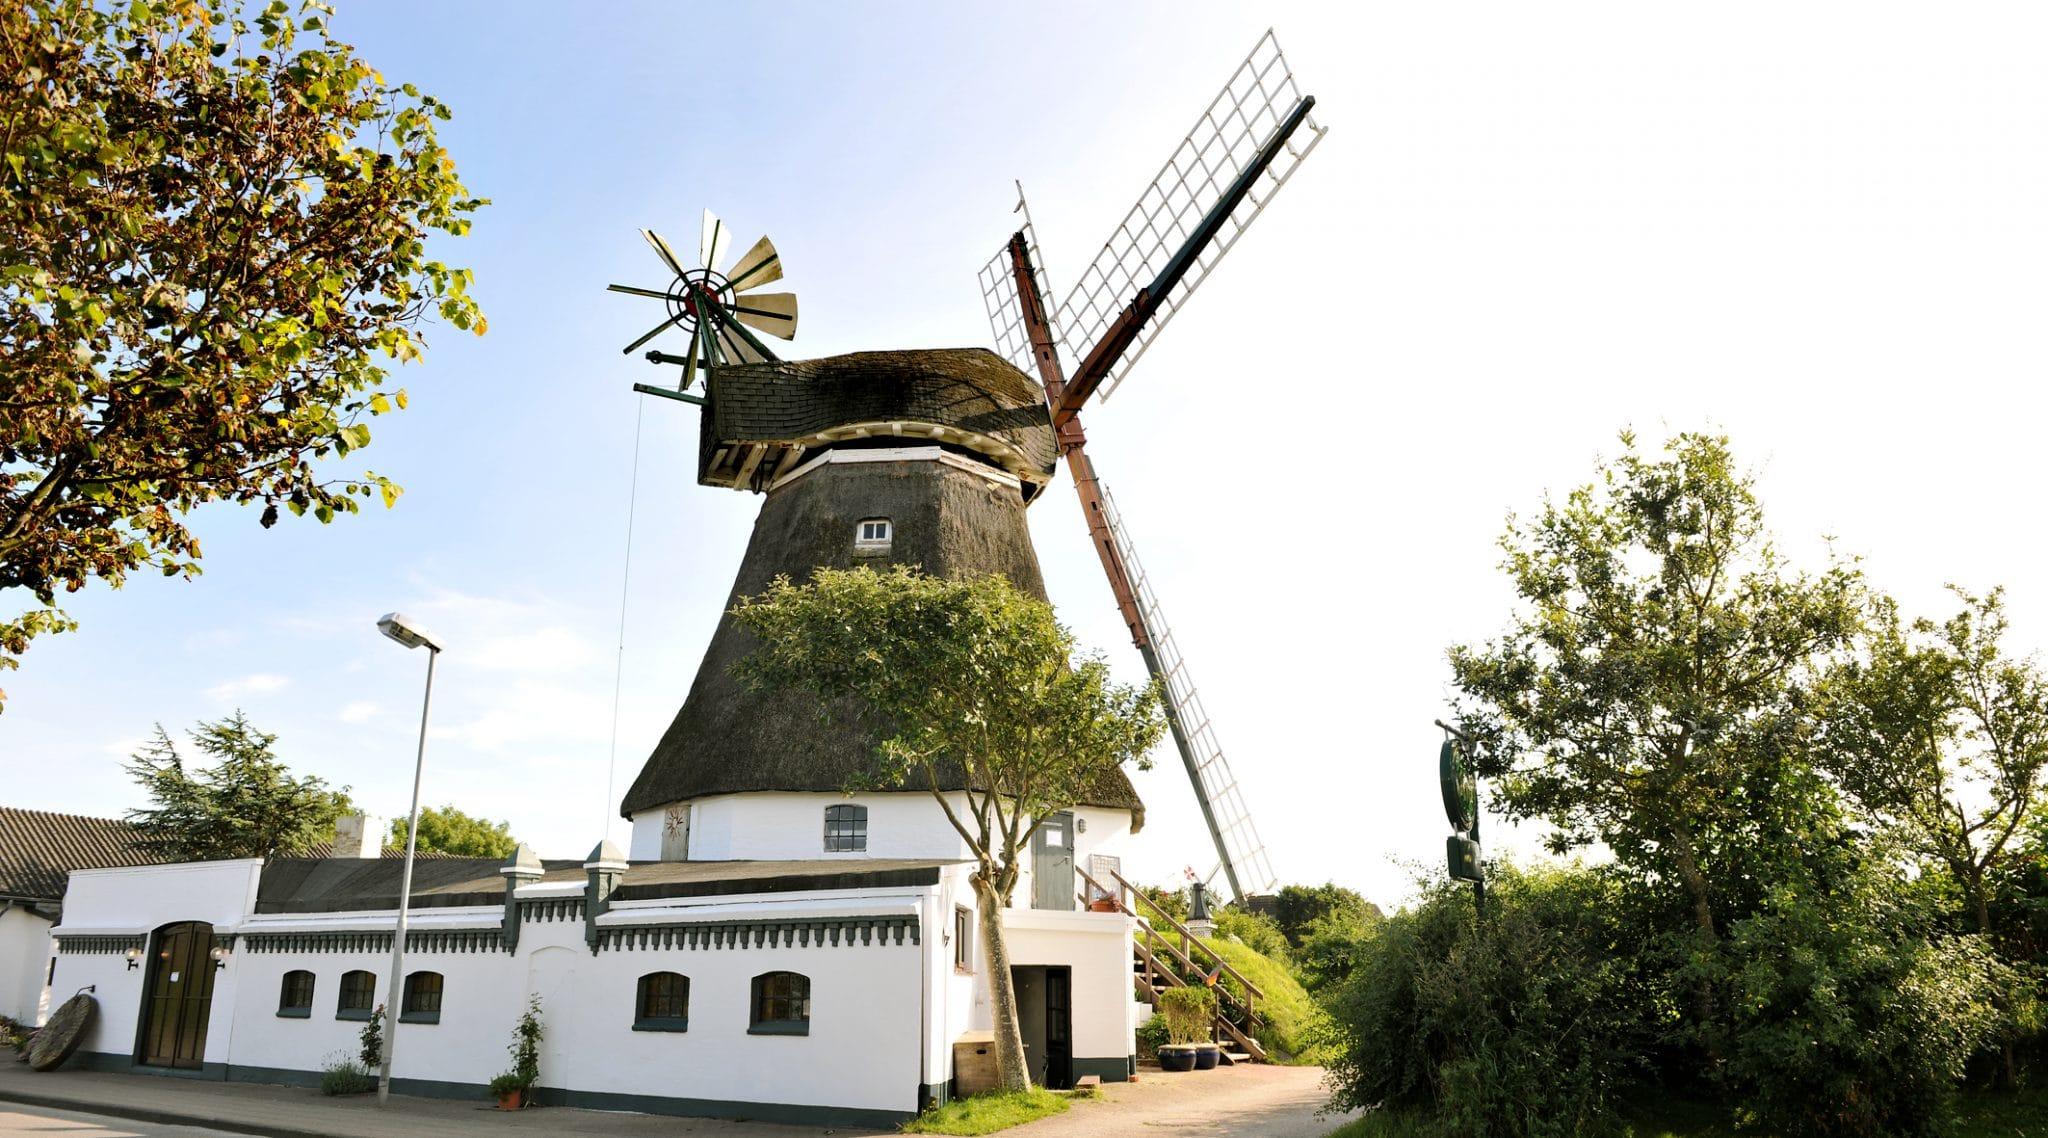 Windmühle Föhr